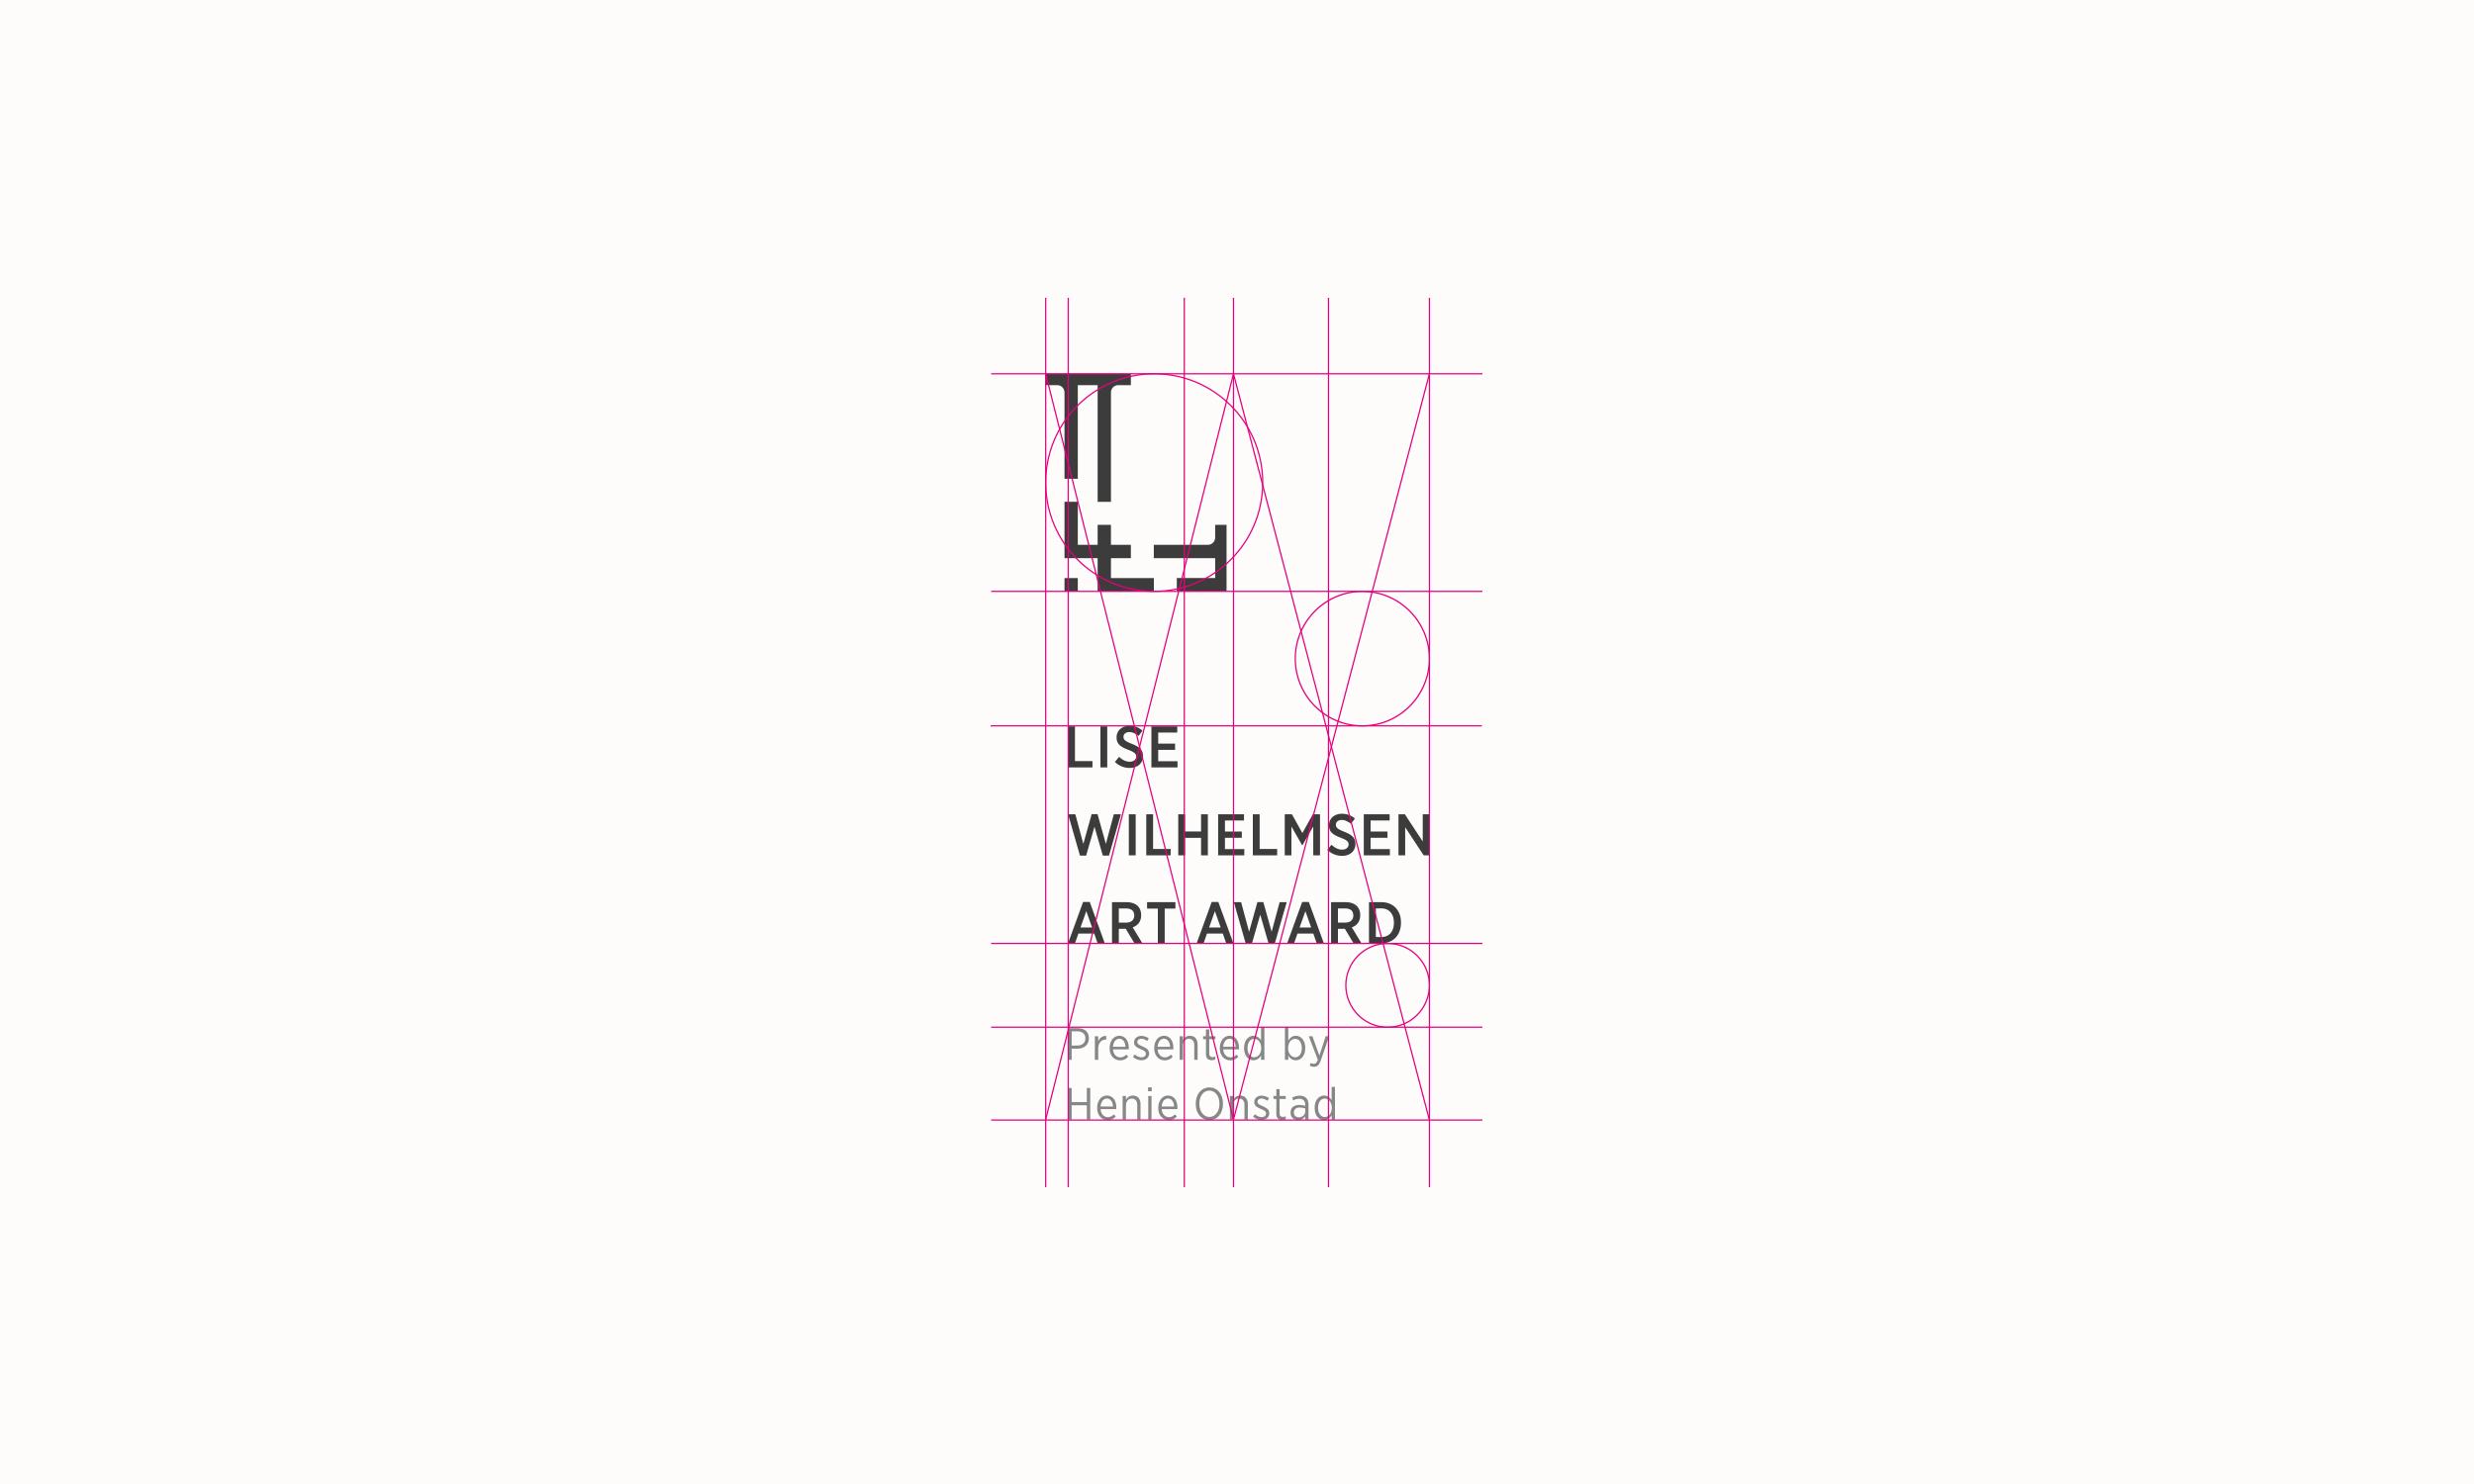 n og Lise Wilhelmsen Art Award vertical Logo